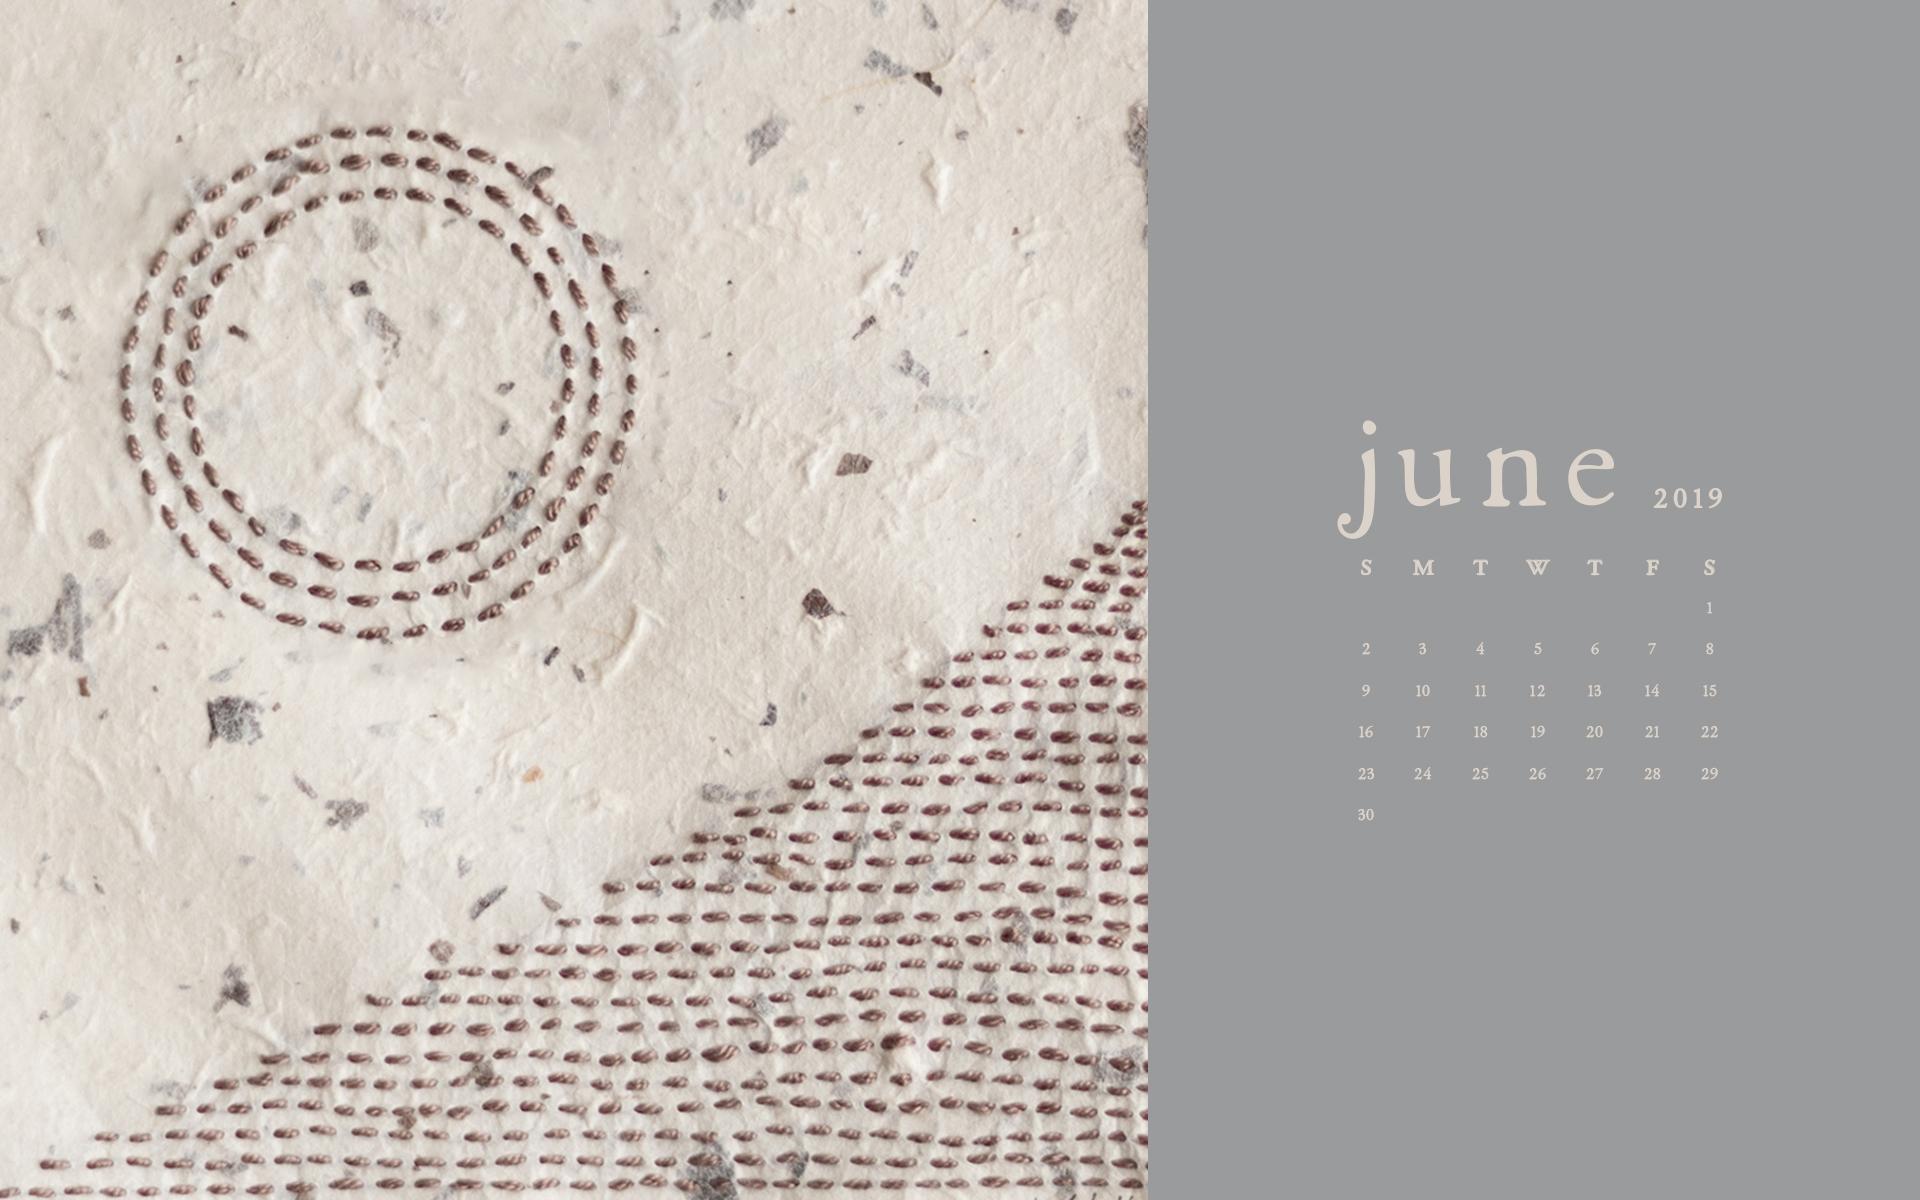 Wallpaper: June 2019 Calendar & Artwork | Desktop Computer | Britt Fabello